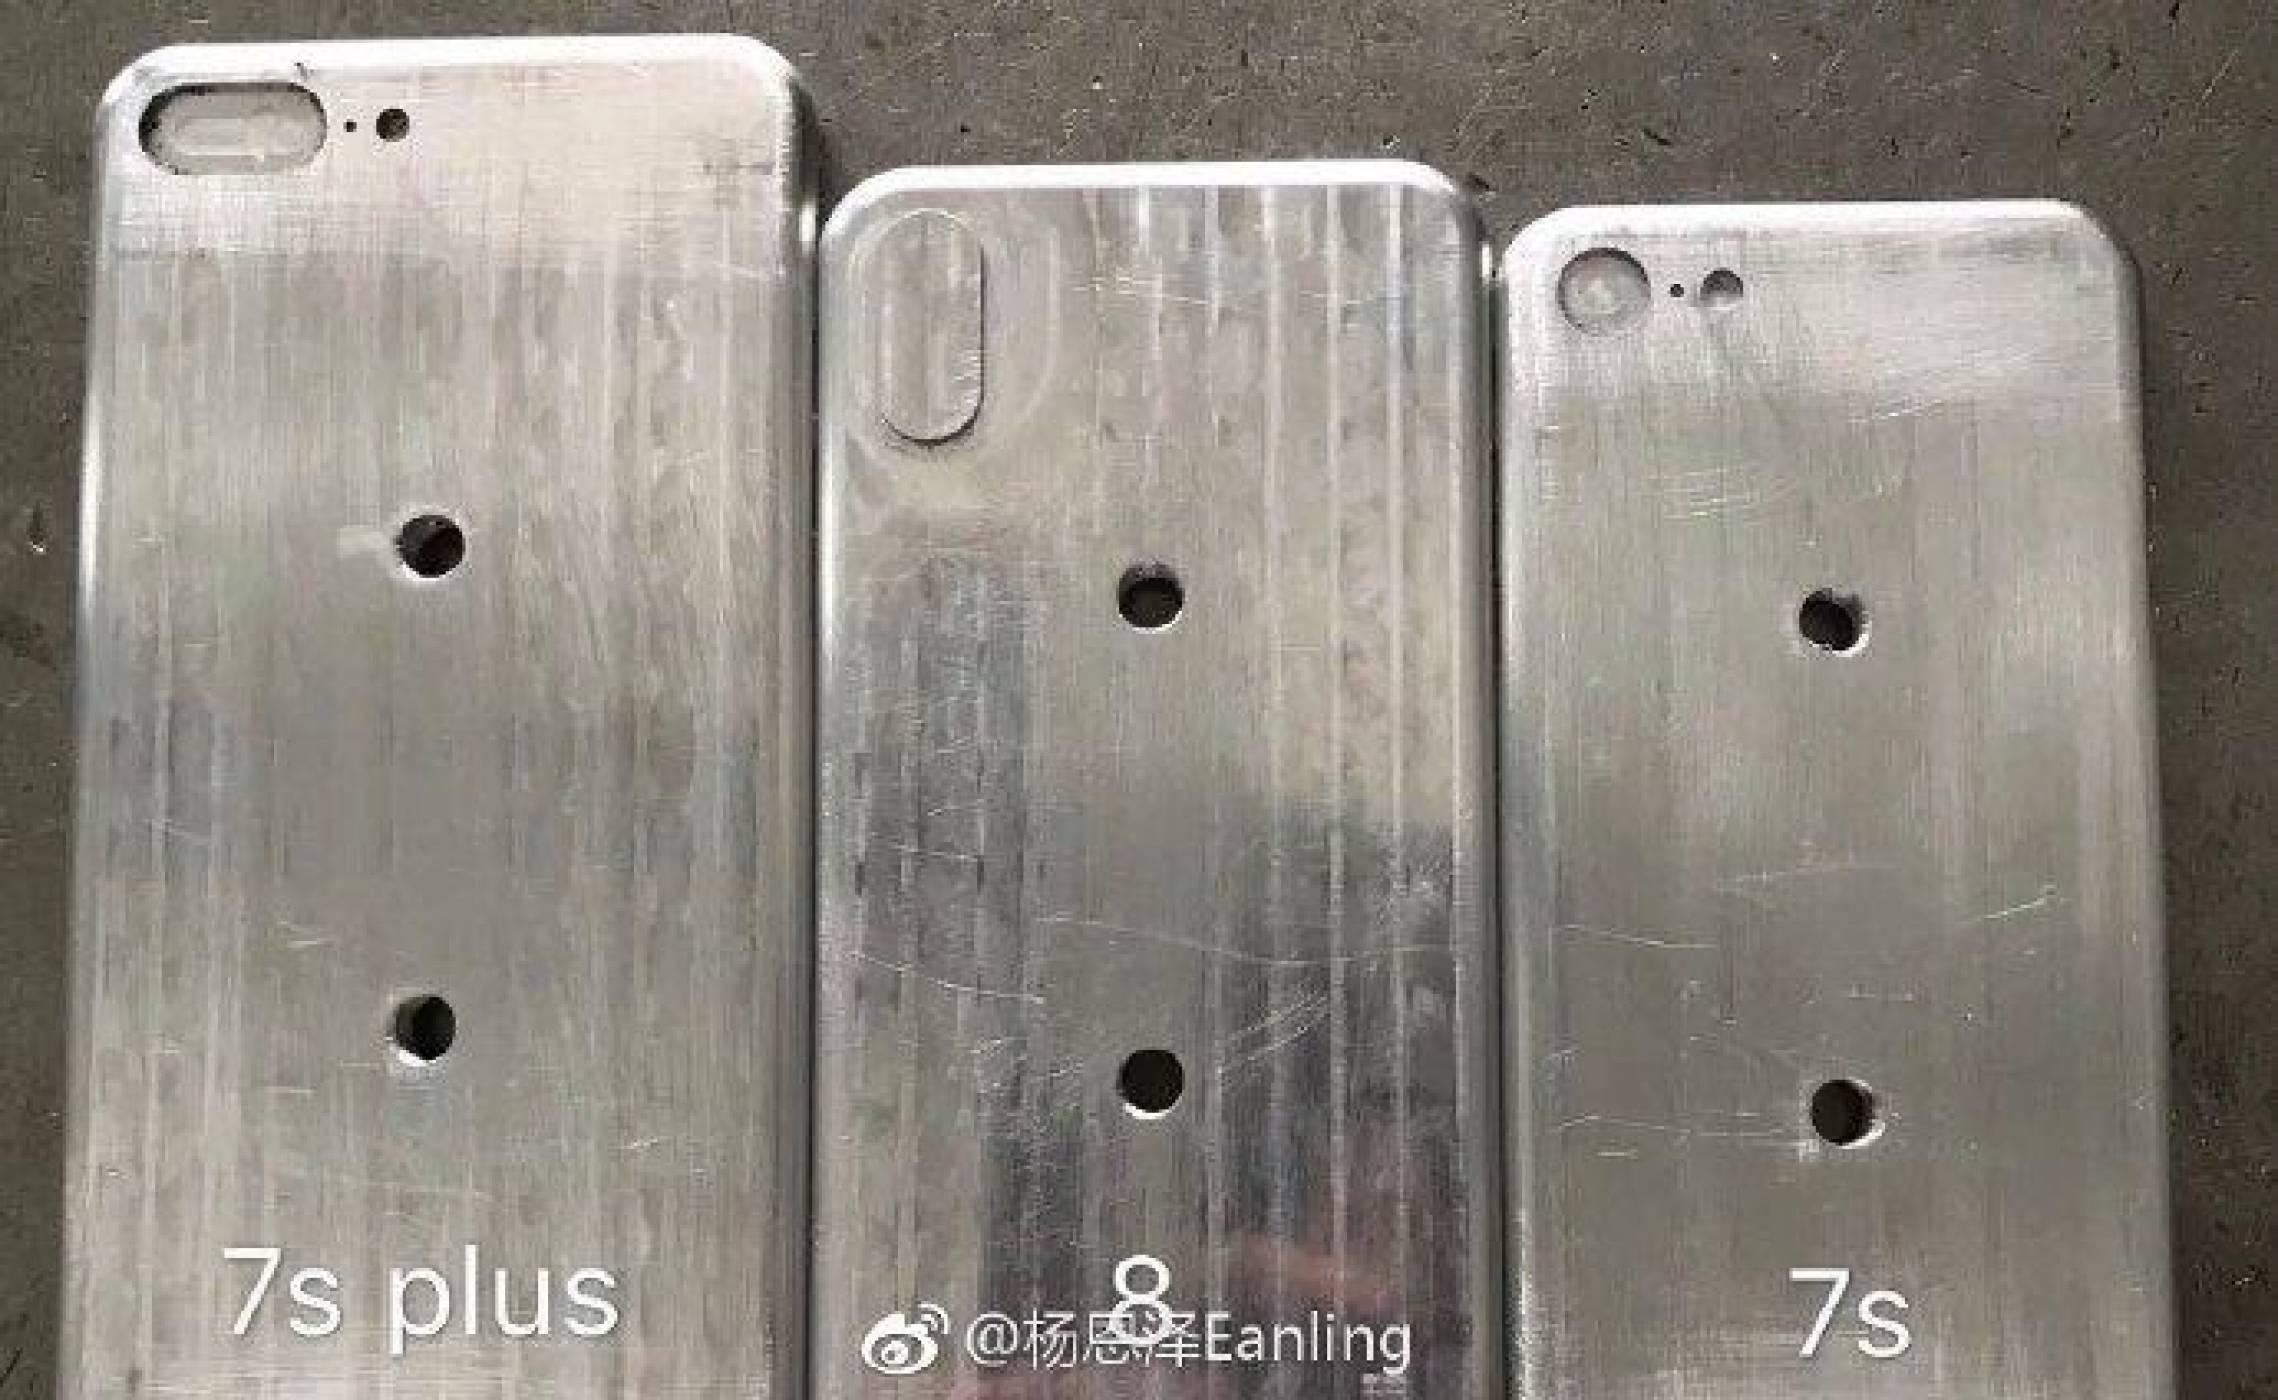 Нови снимки показват калъпи за  iPhone 7s Plus, iPhone 7s и iPhone 8?